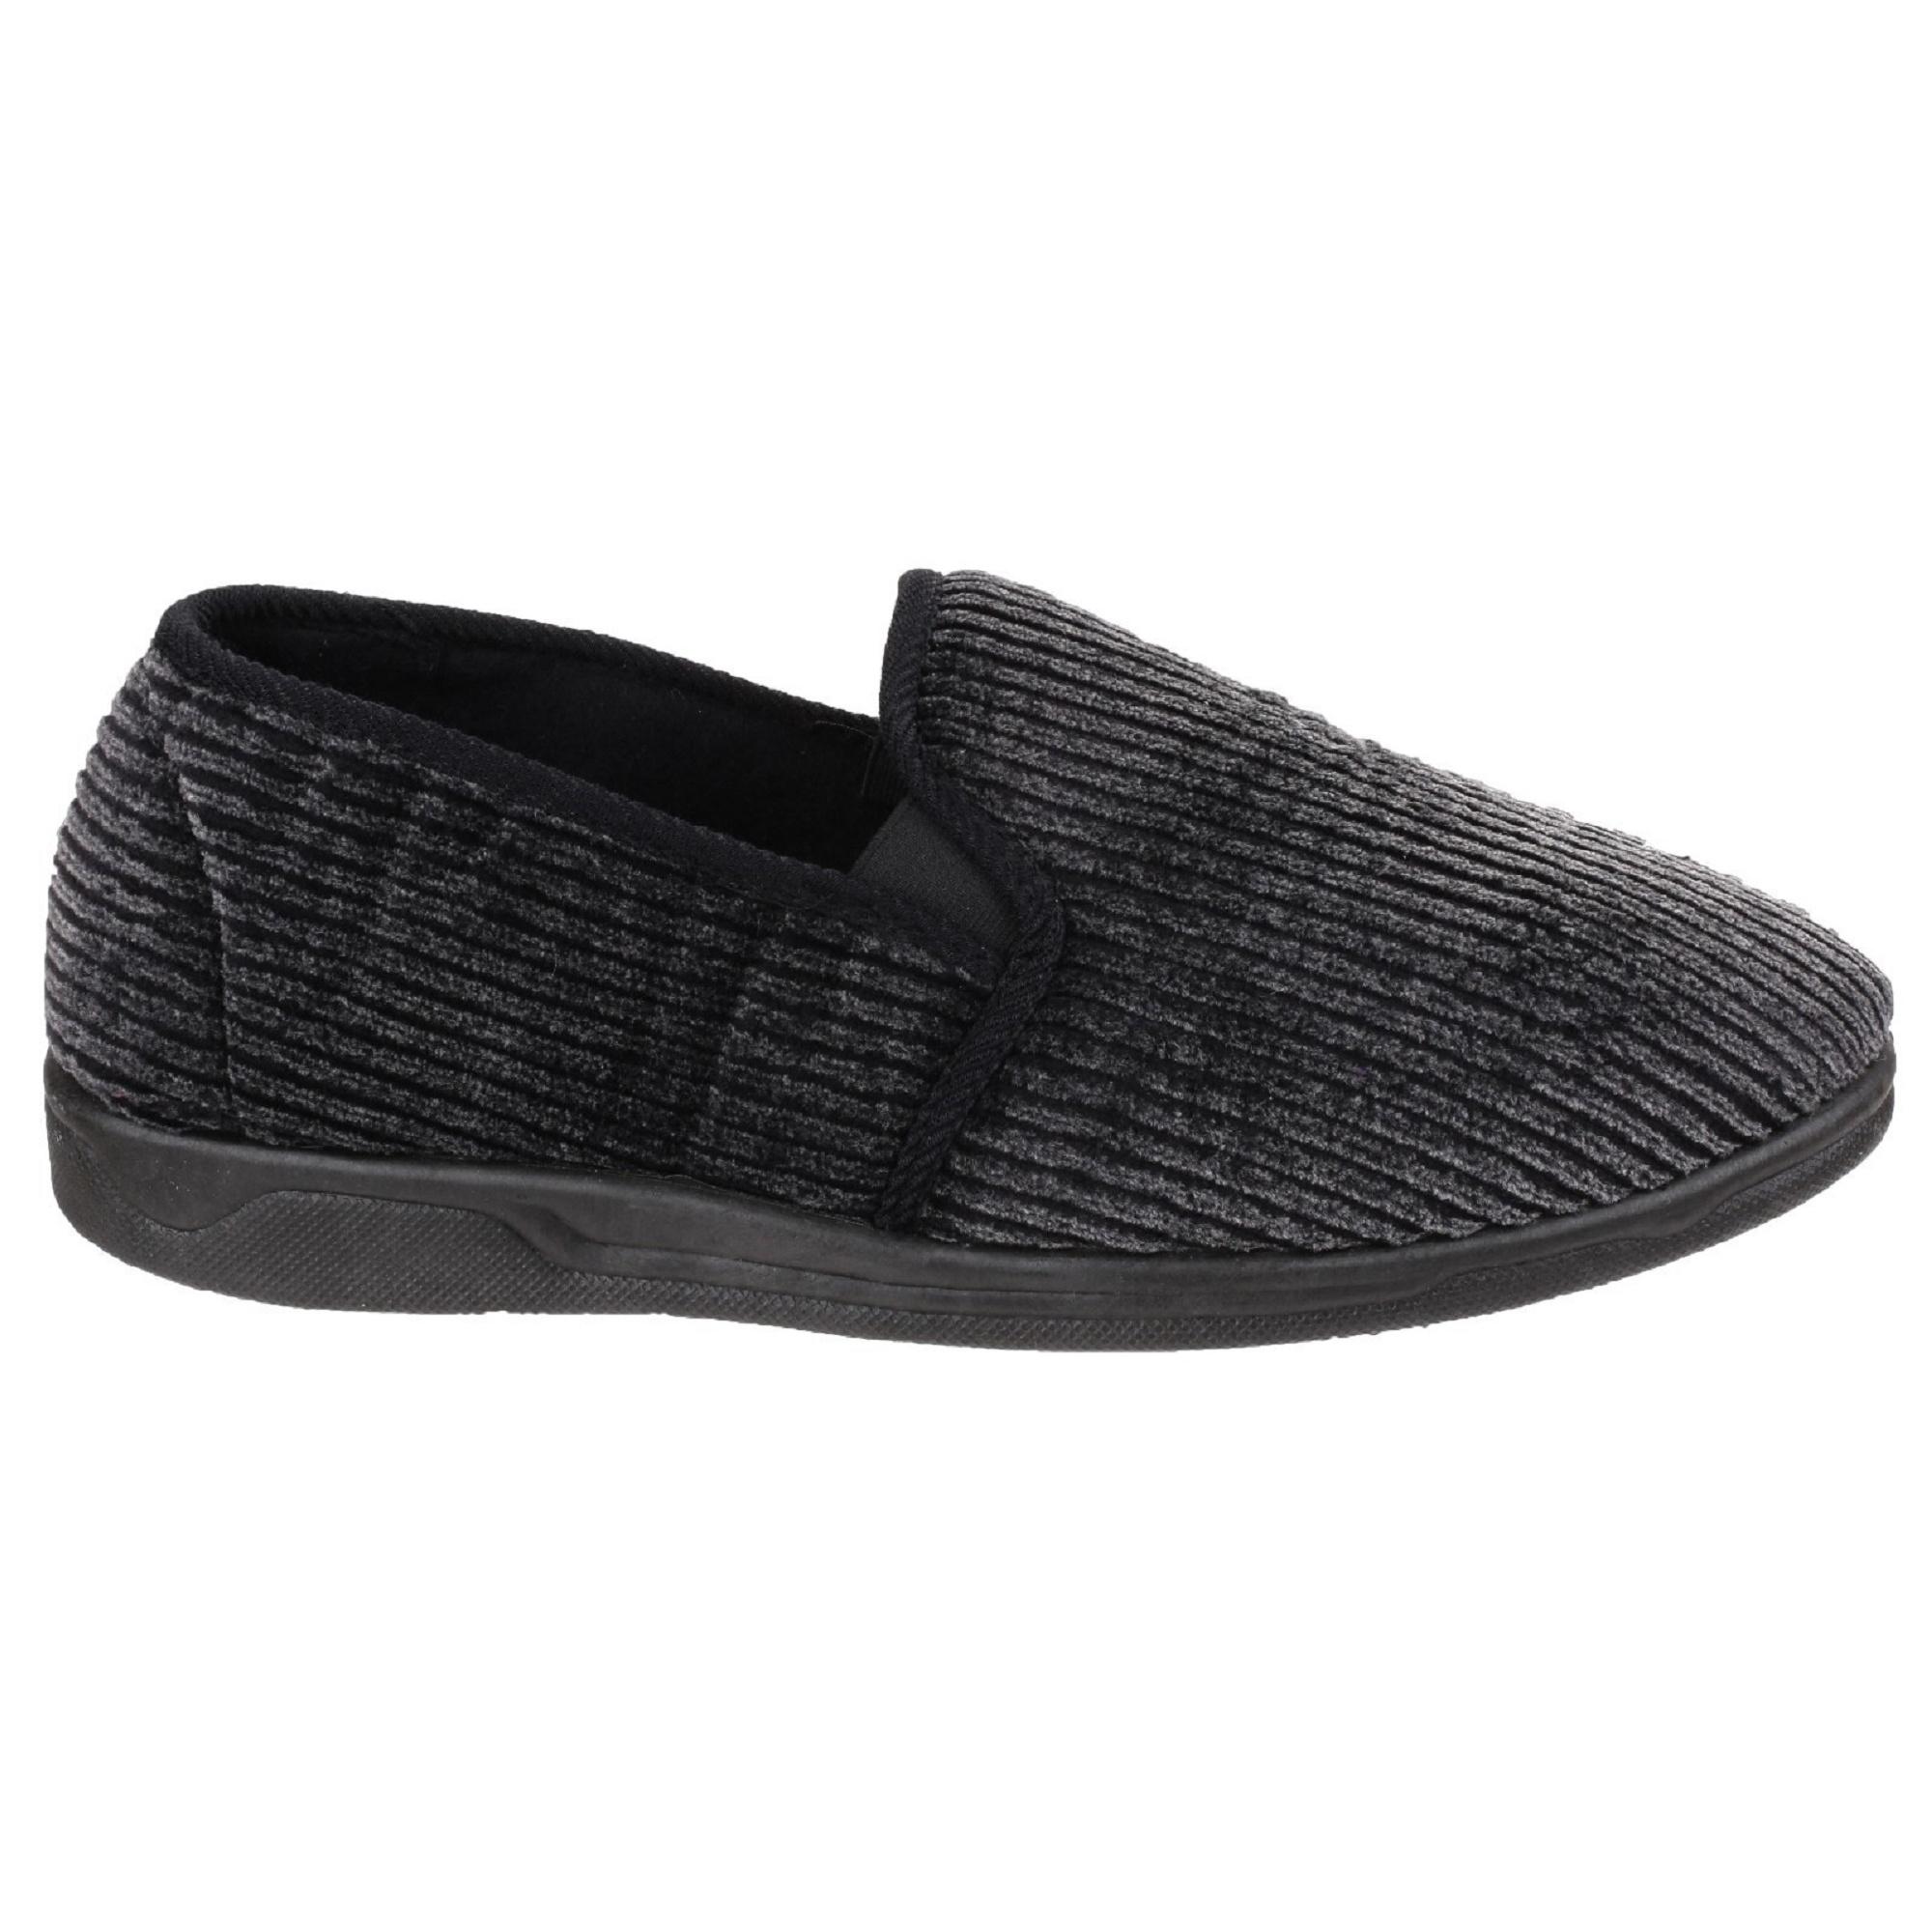 Amazon No Men S Shoes Over Size